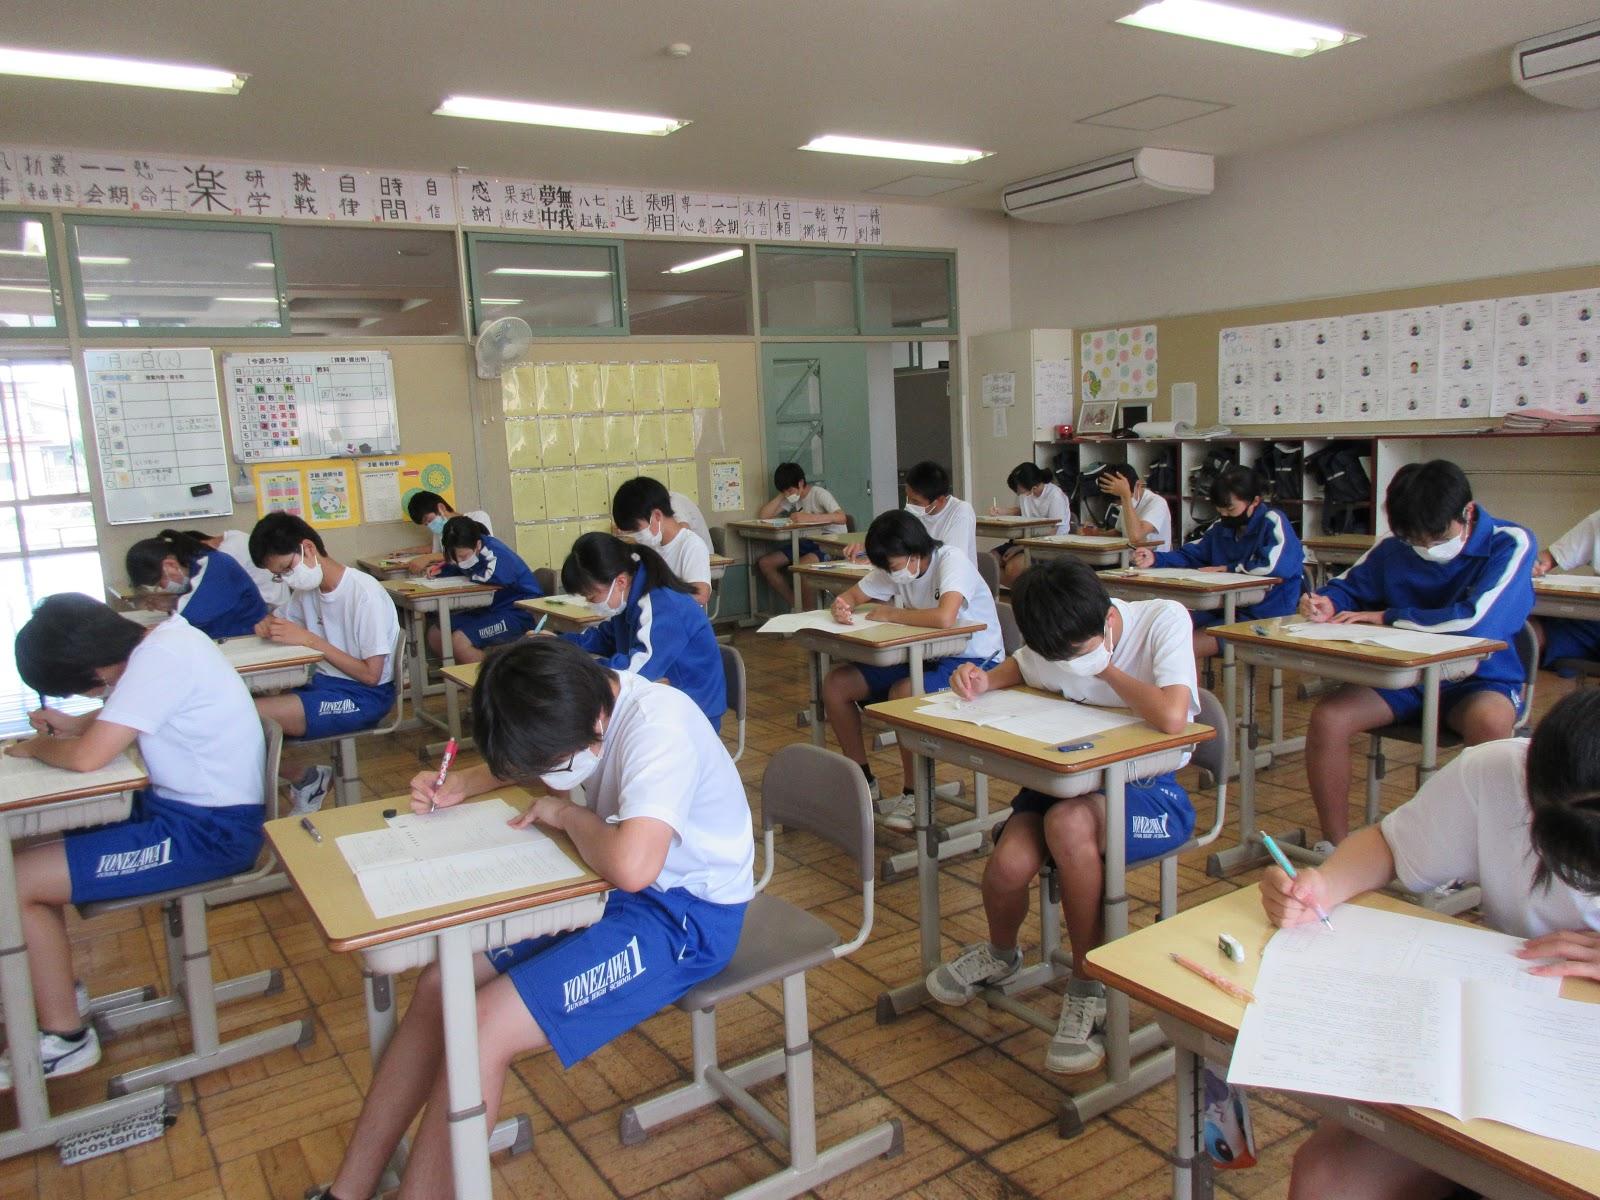 米沢市立第七中学校 - JapaneseClass.jp